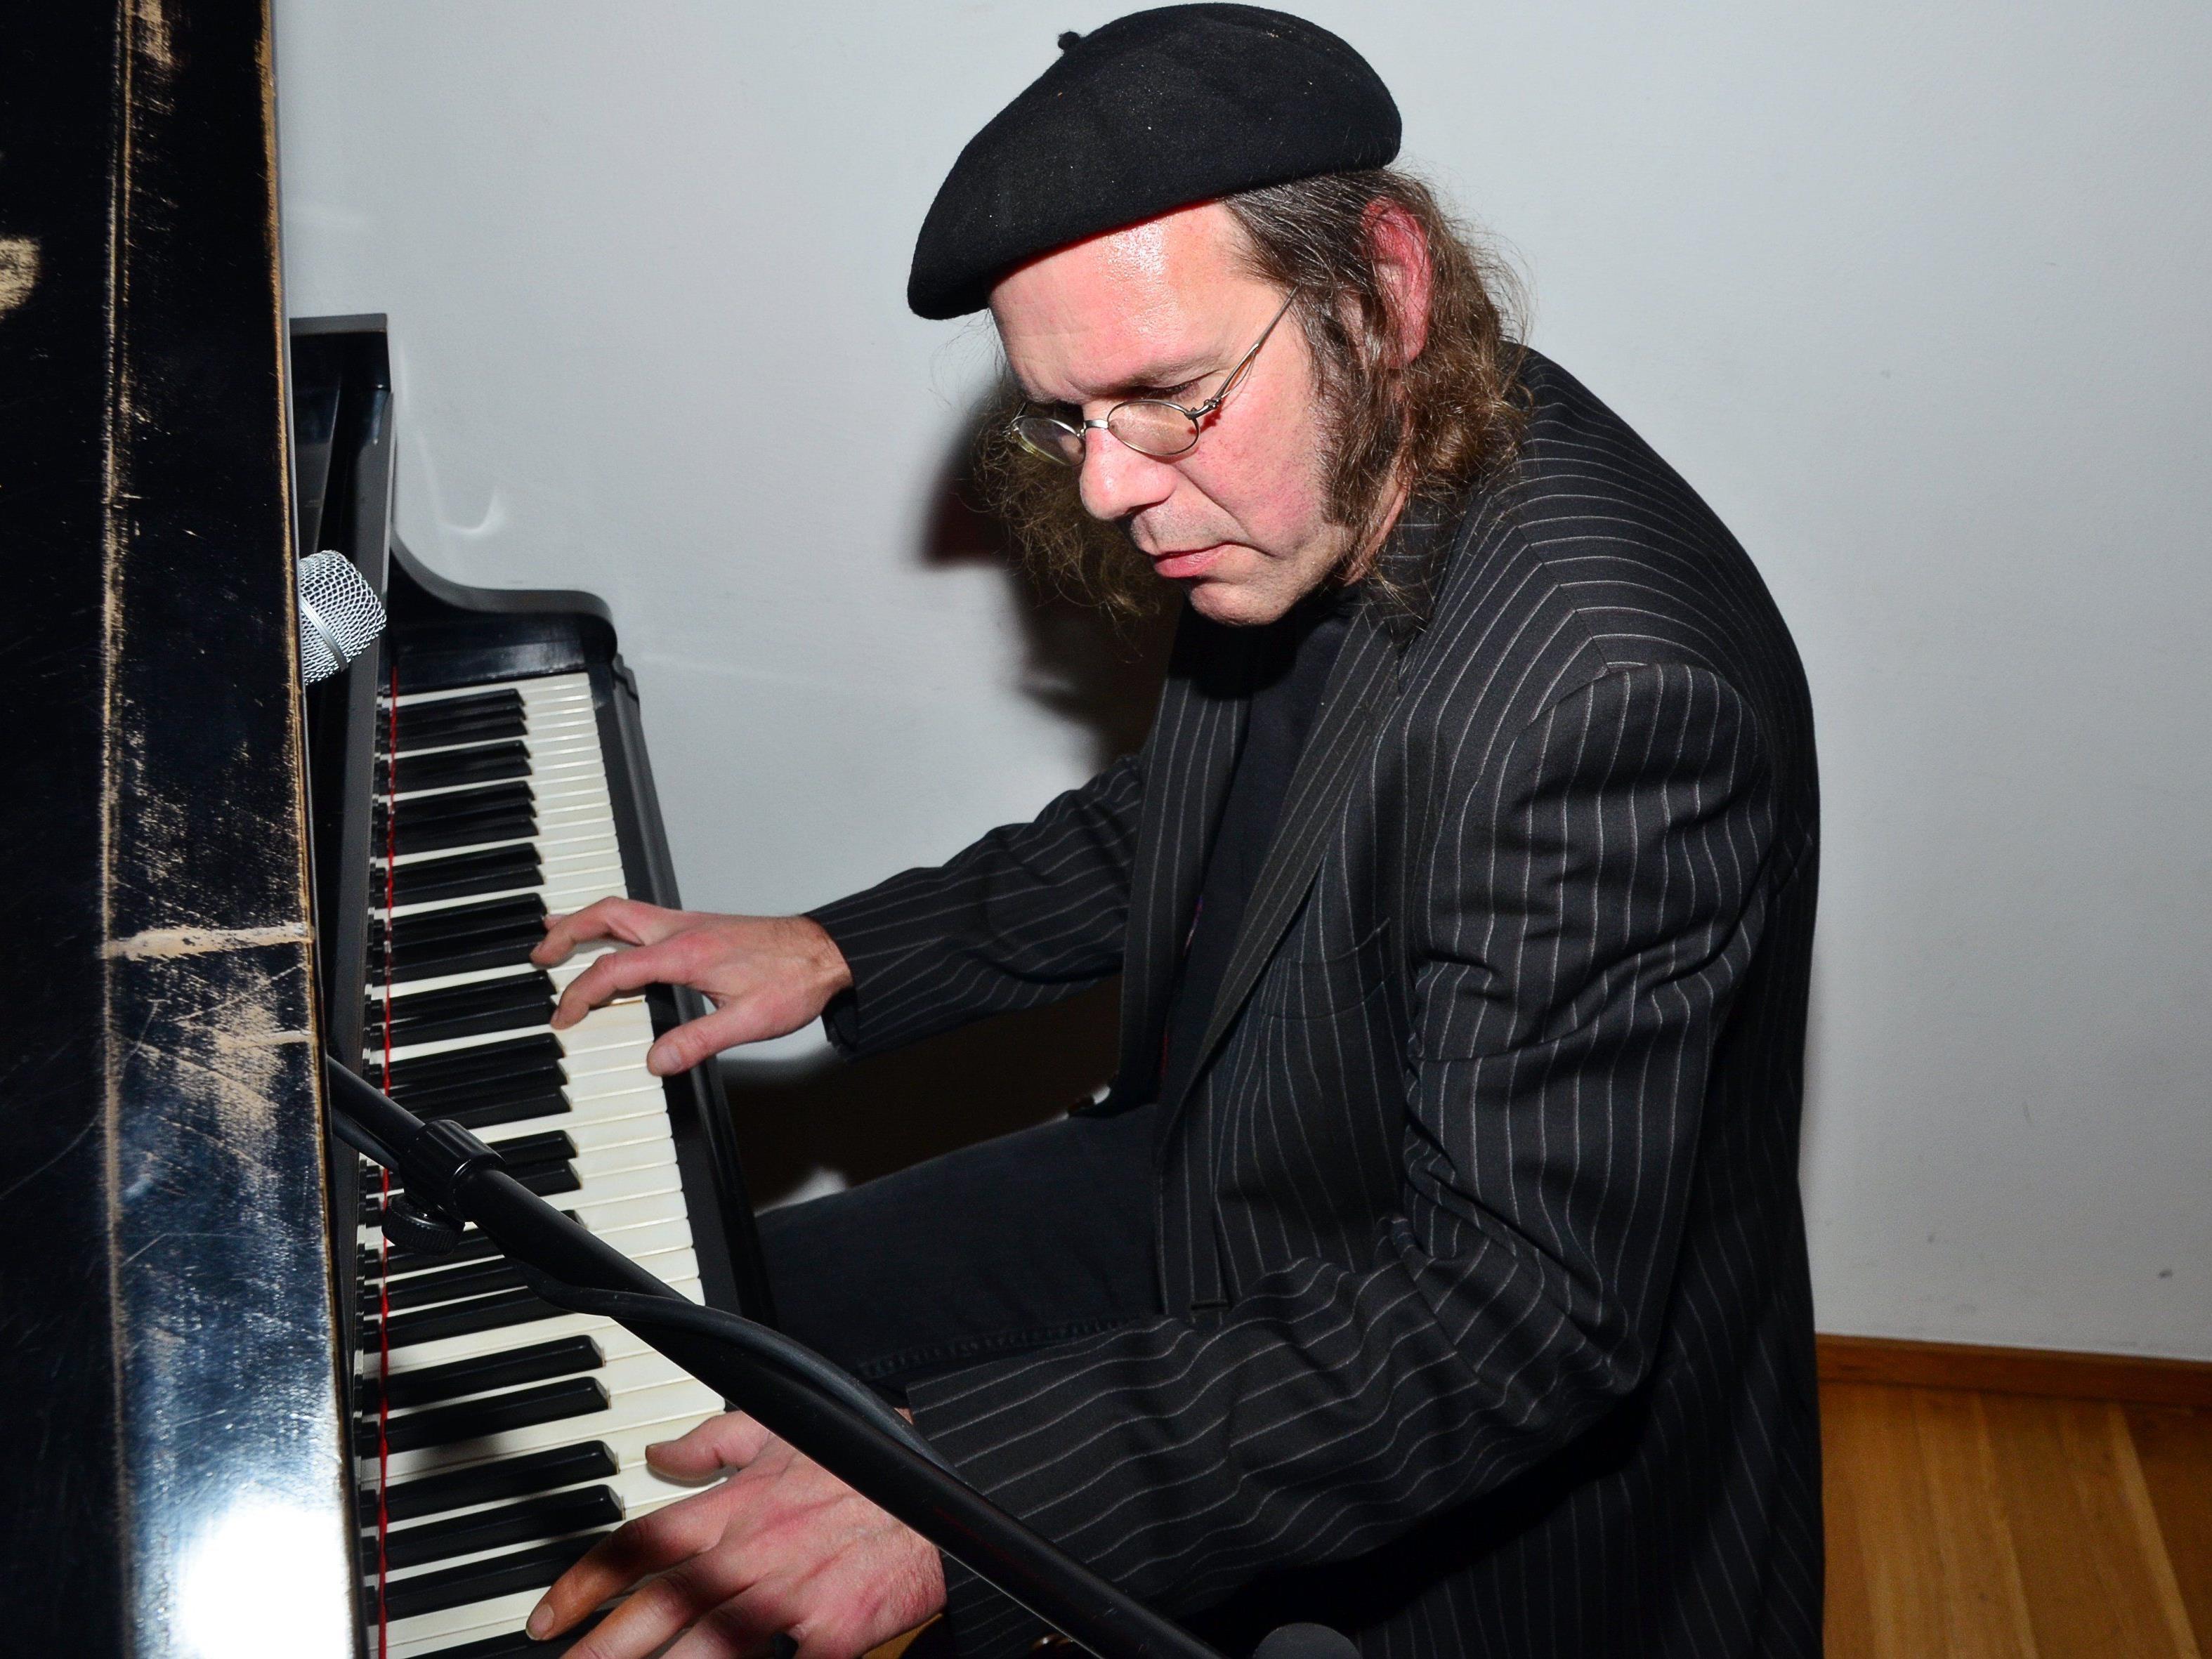 Pianist Dietmar Bitsche in Aktion